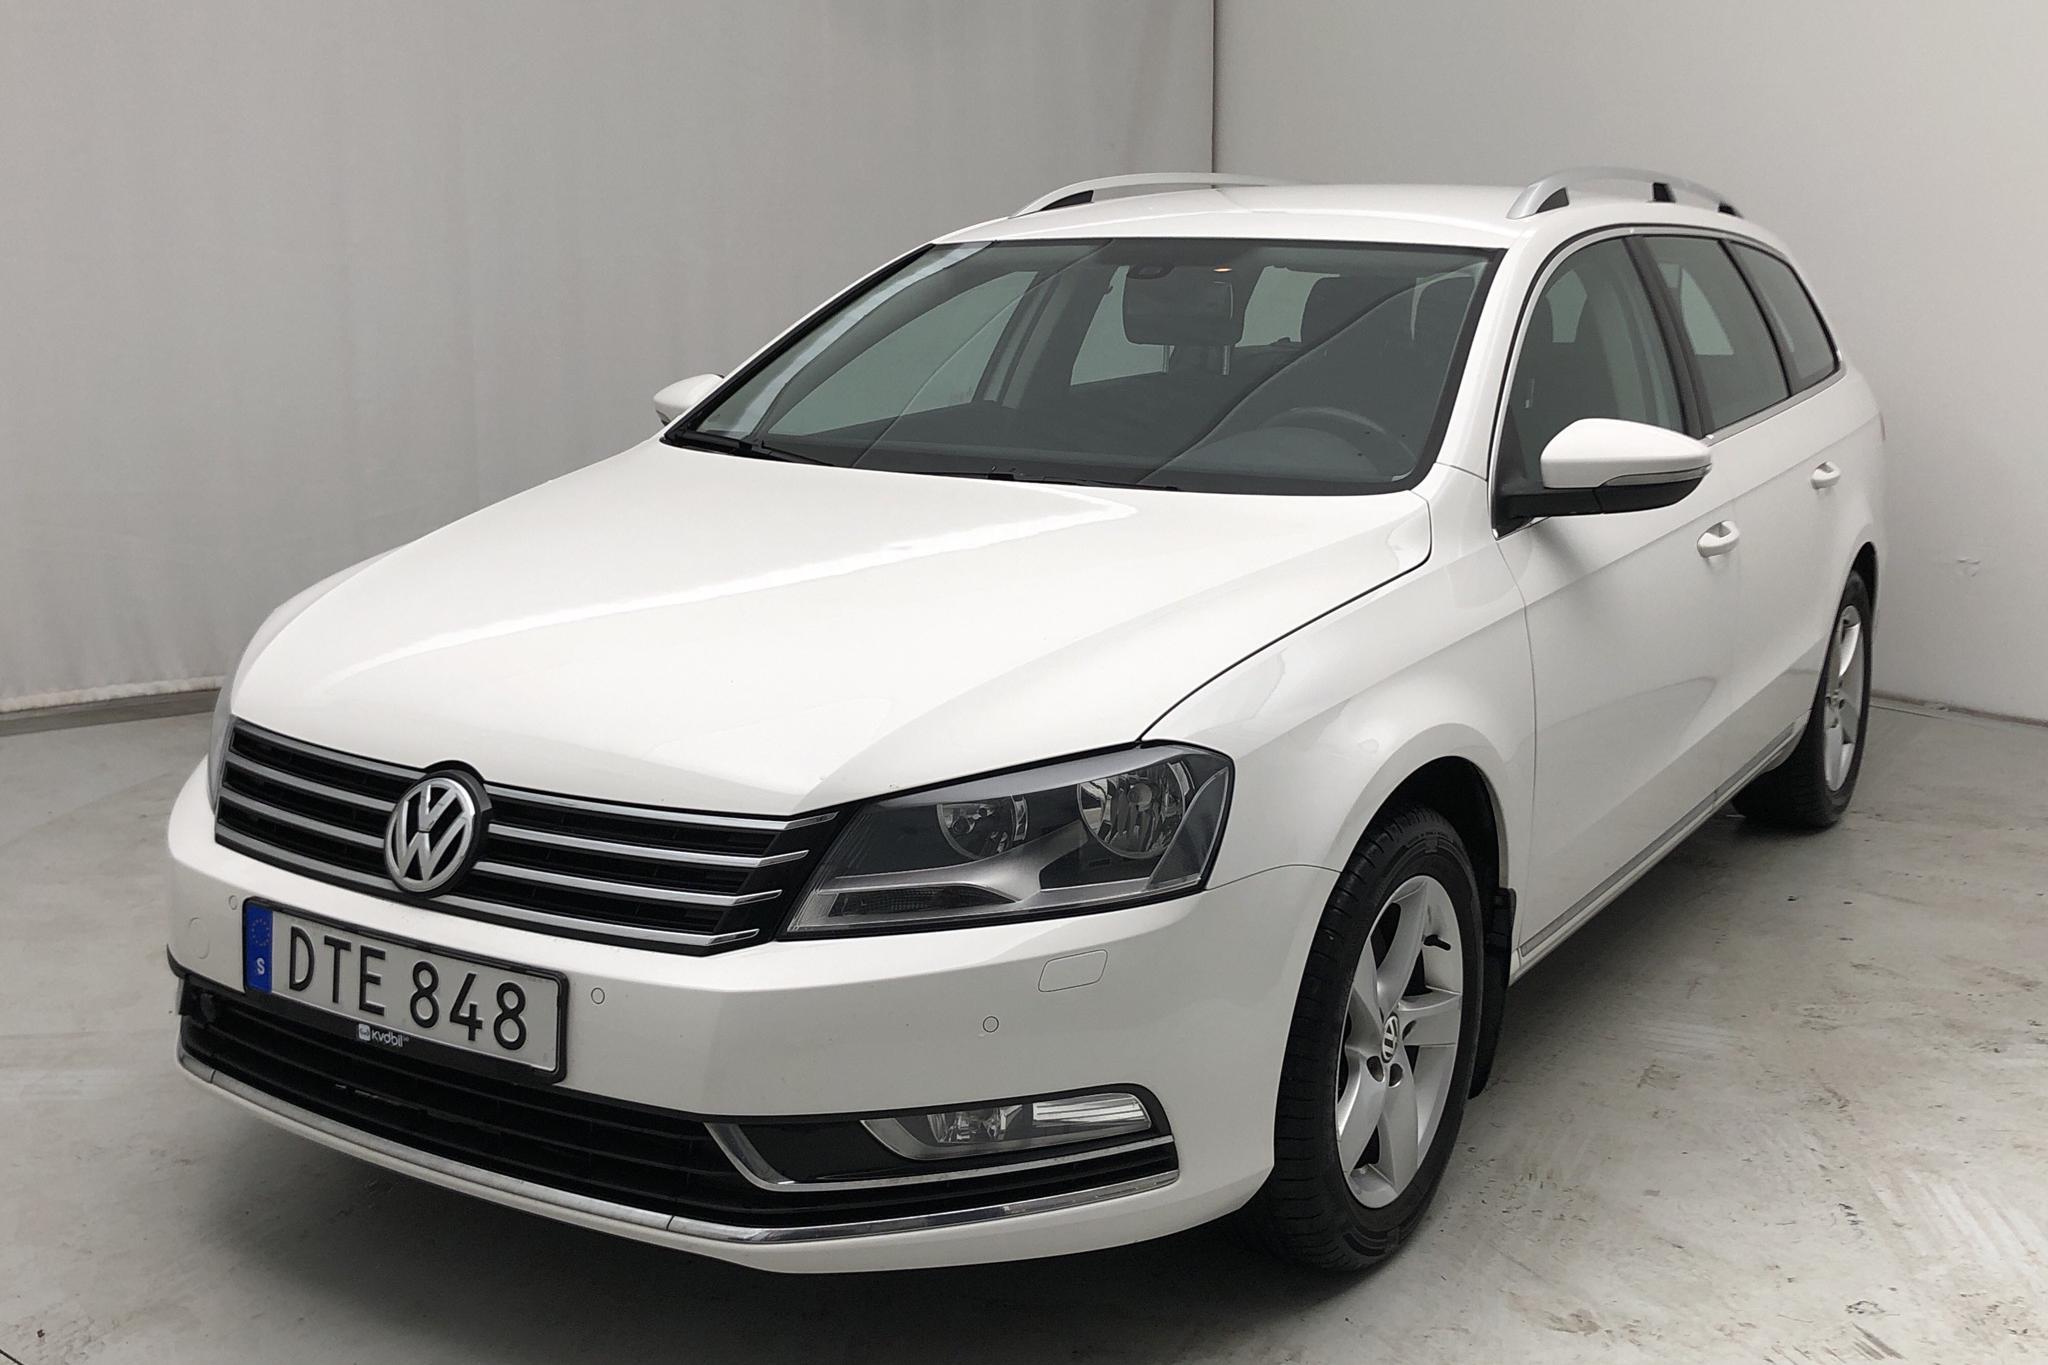 VW Passat 1.4 TSI EcoFuel Variant (150hk) - 14 600 mil - Manuell - vit - 2011